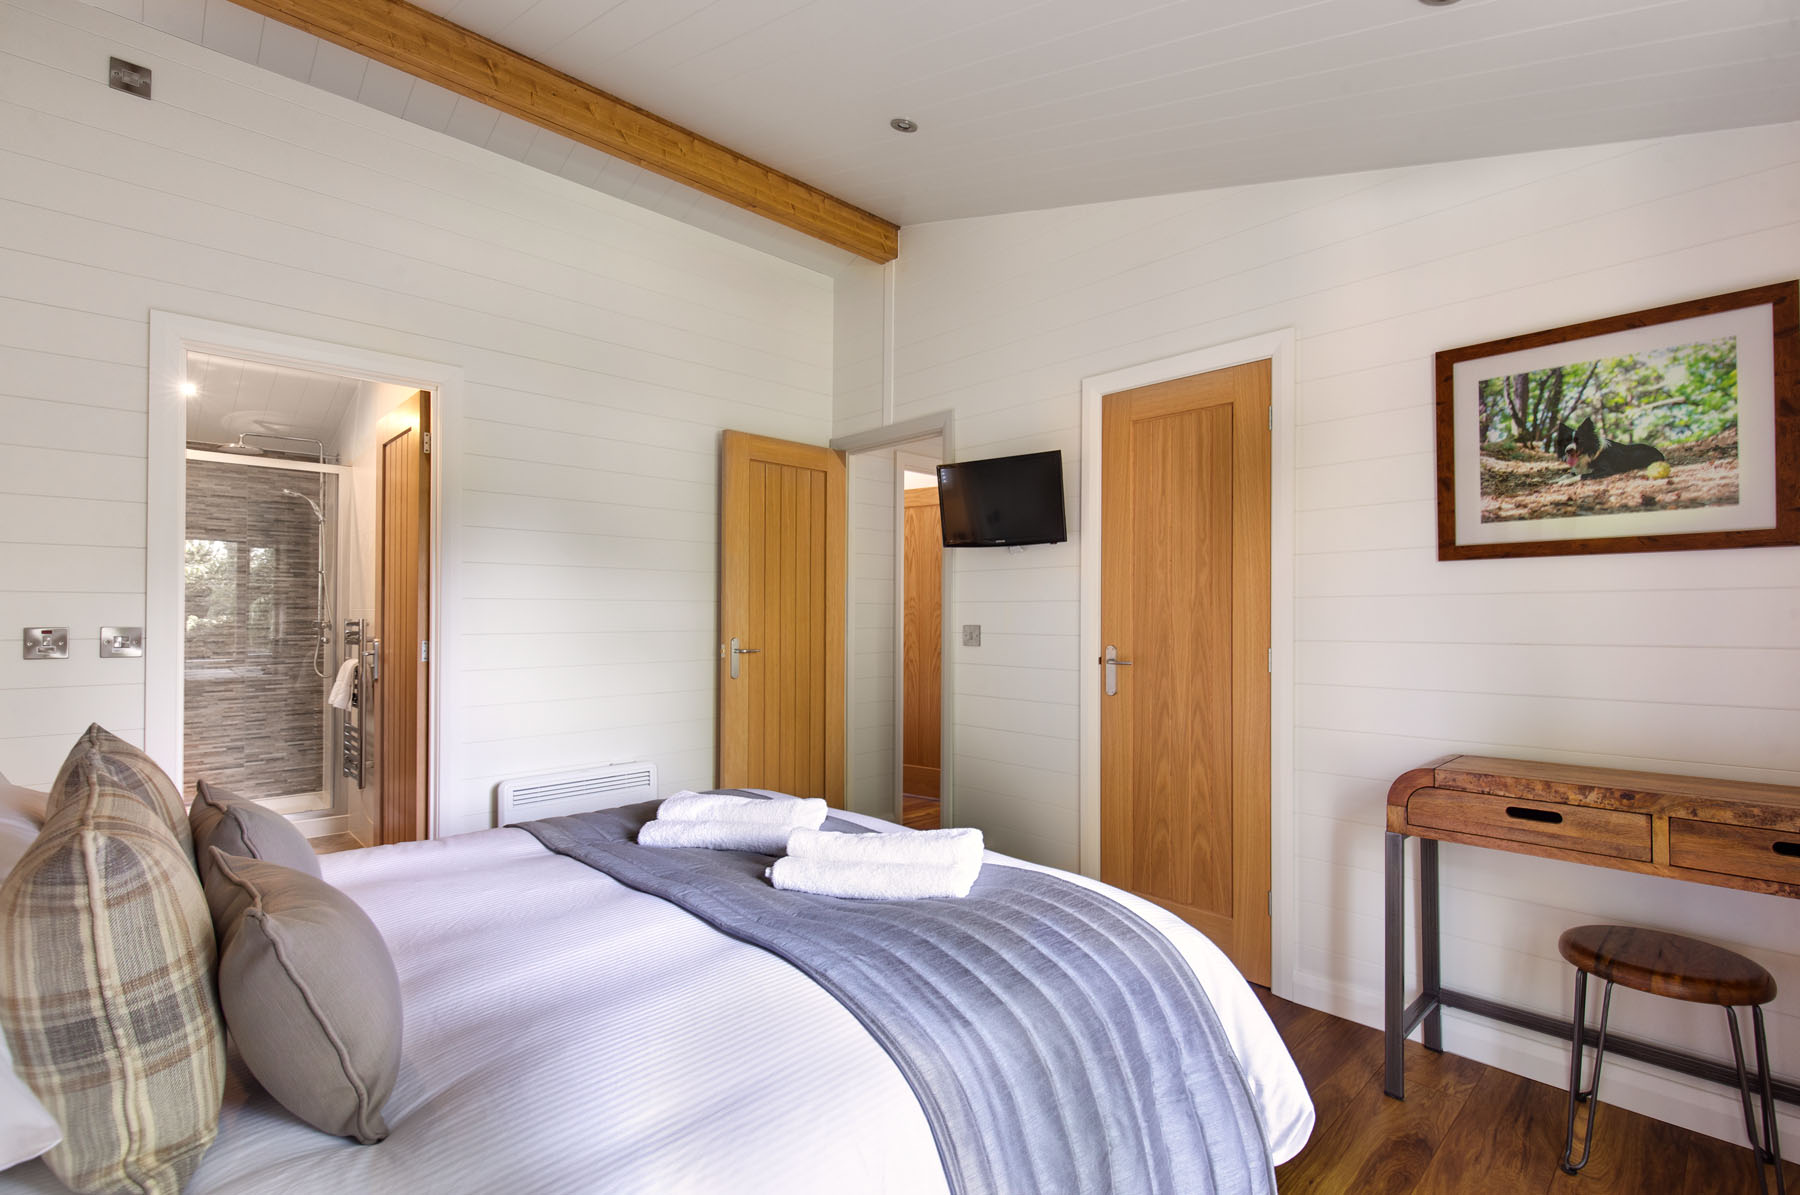 Lodge bedroon and en suite